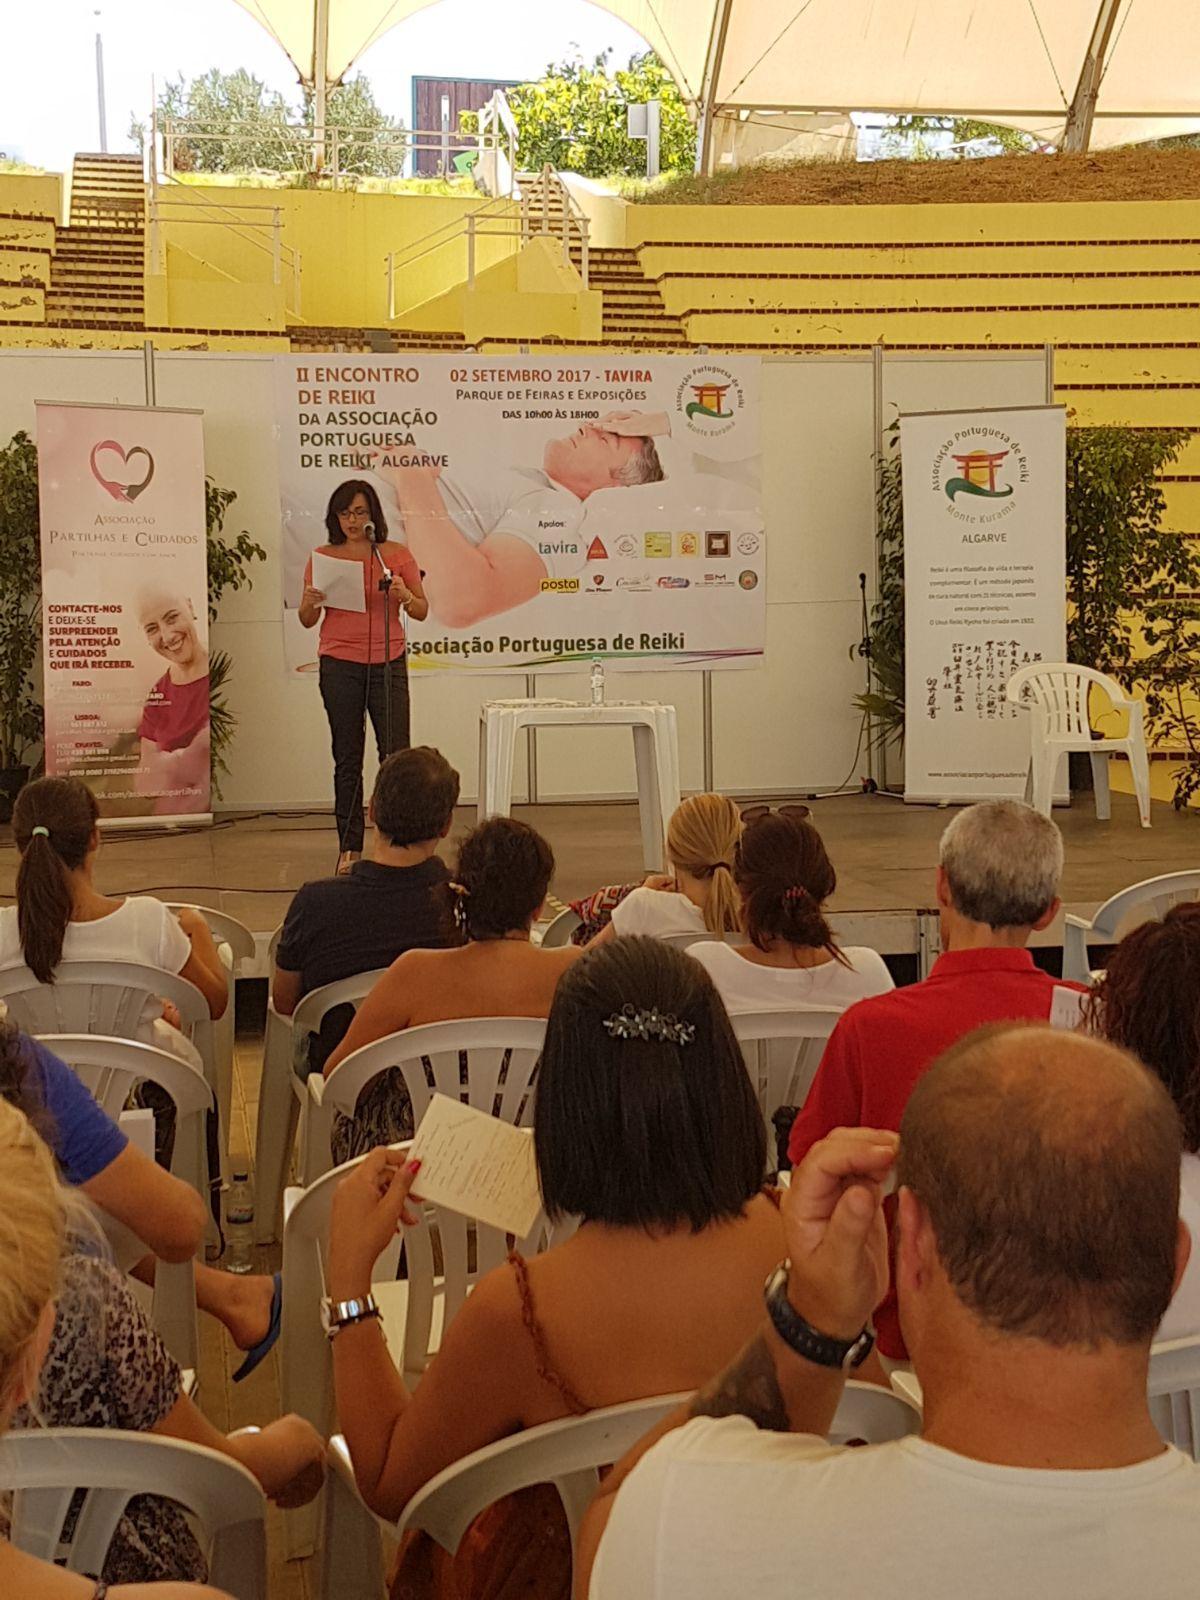 II Encontro de Reiki no Algarve